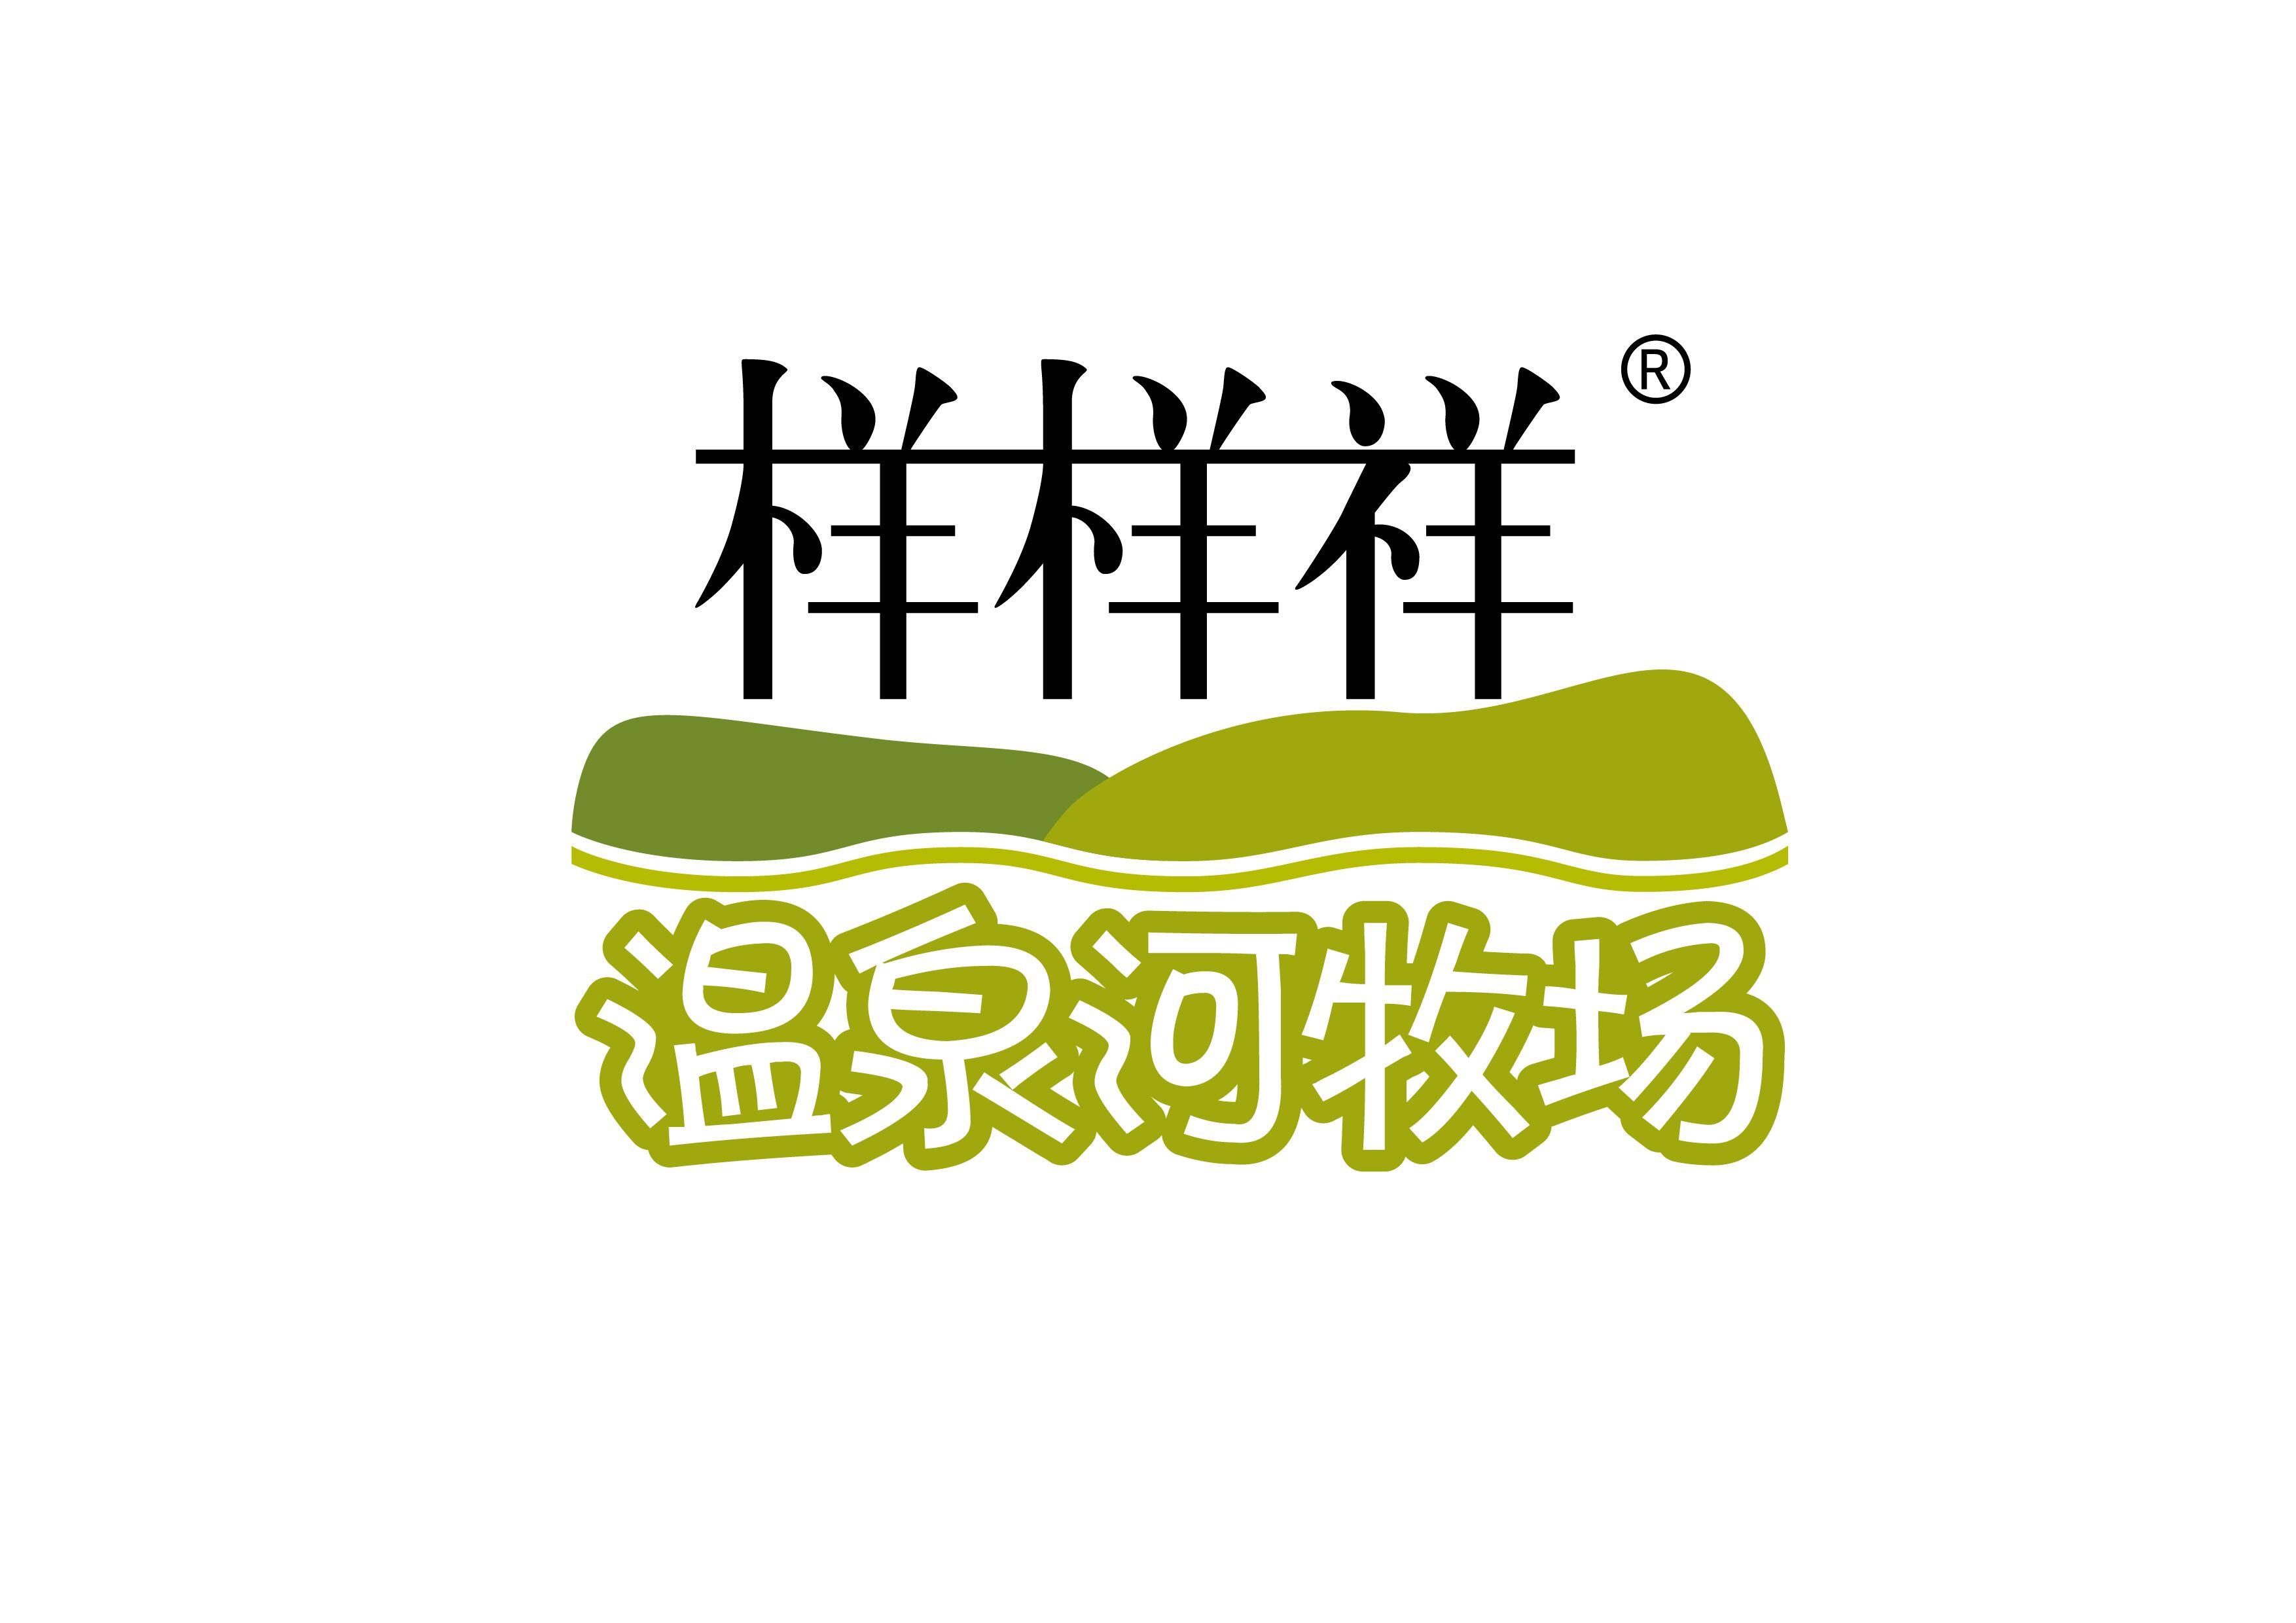 万博app手机版官网下载祥温泉河牧场商标-高清.jpg